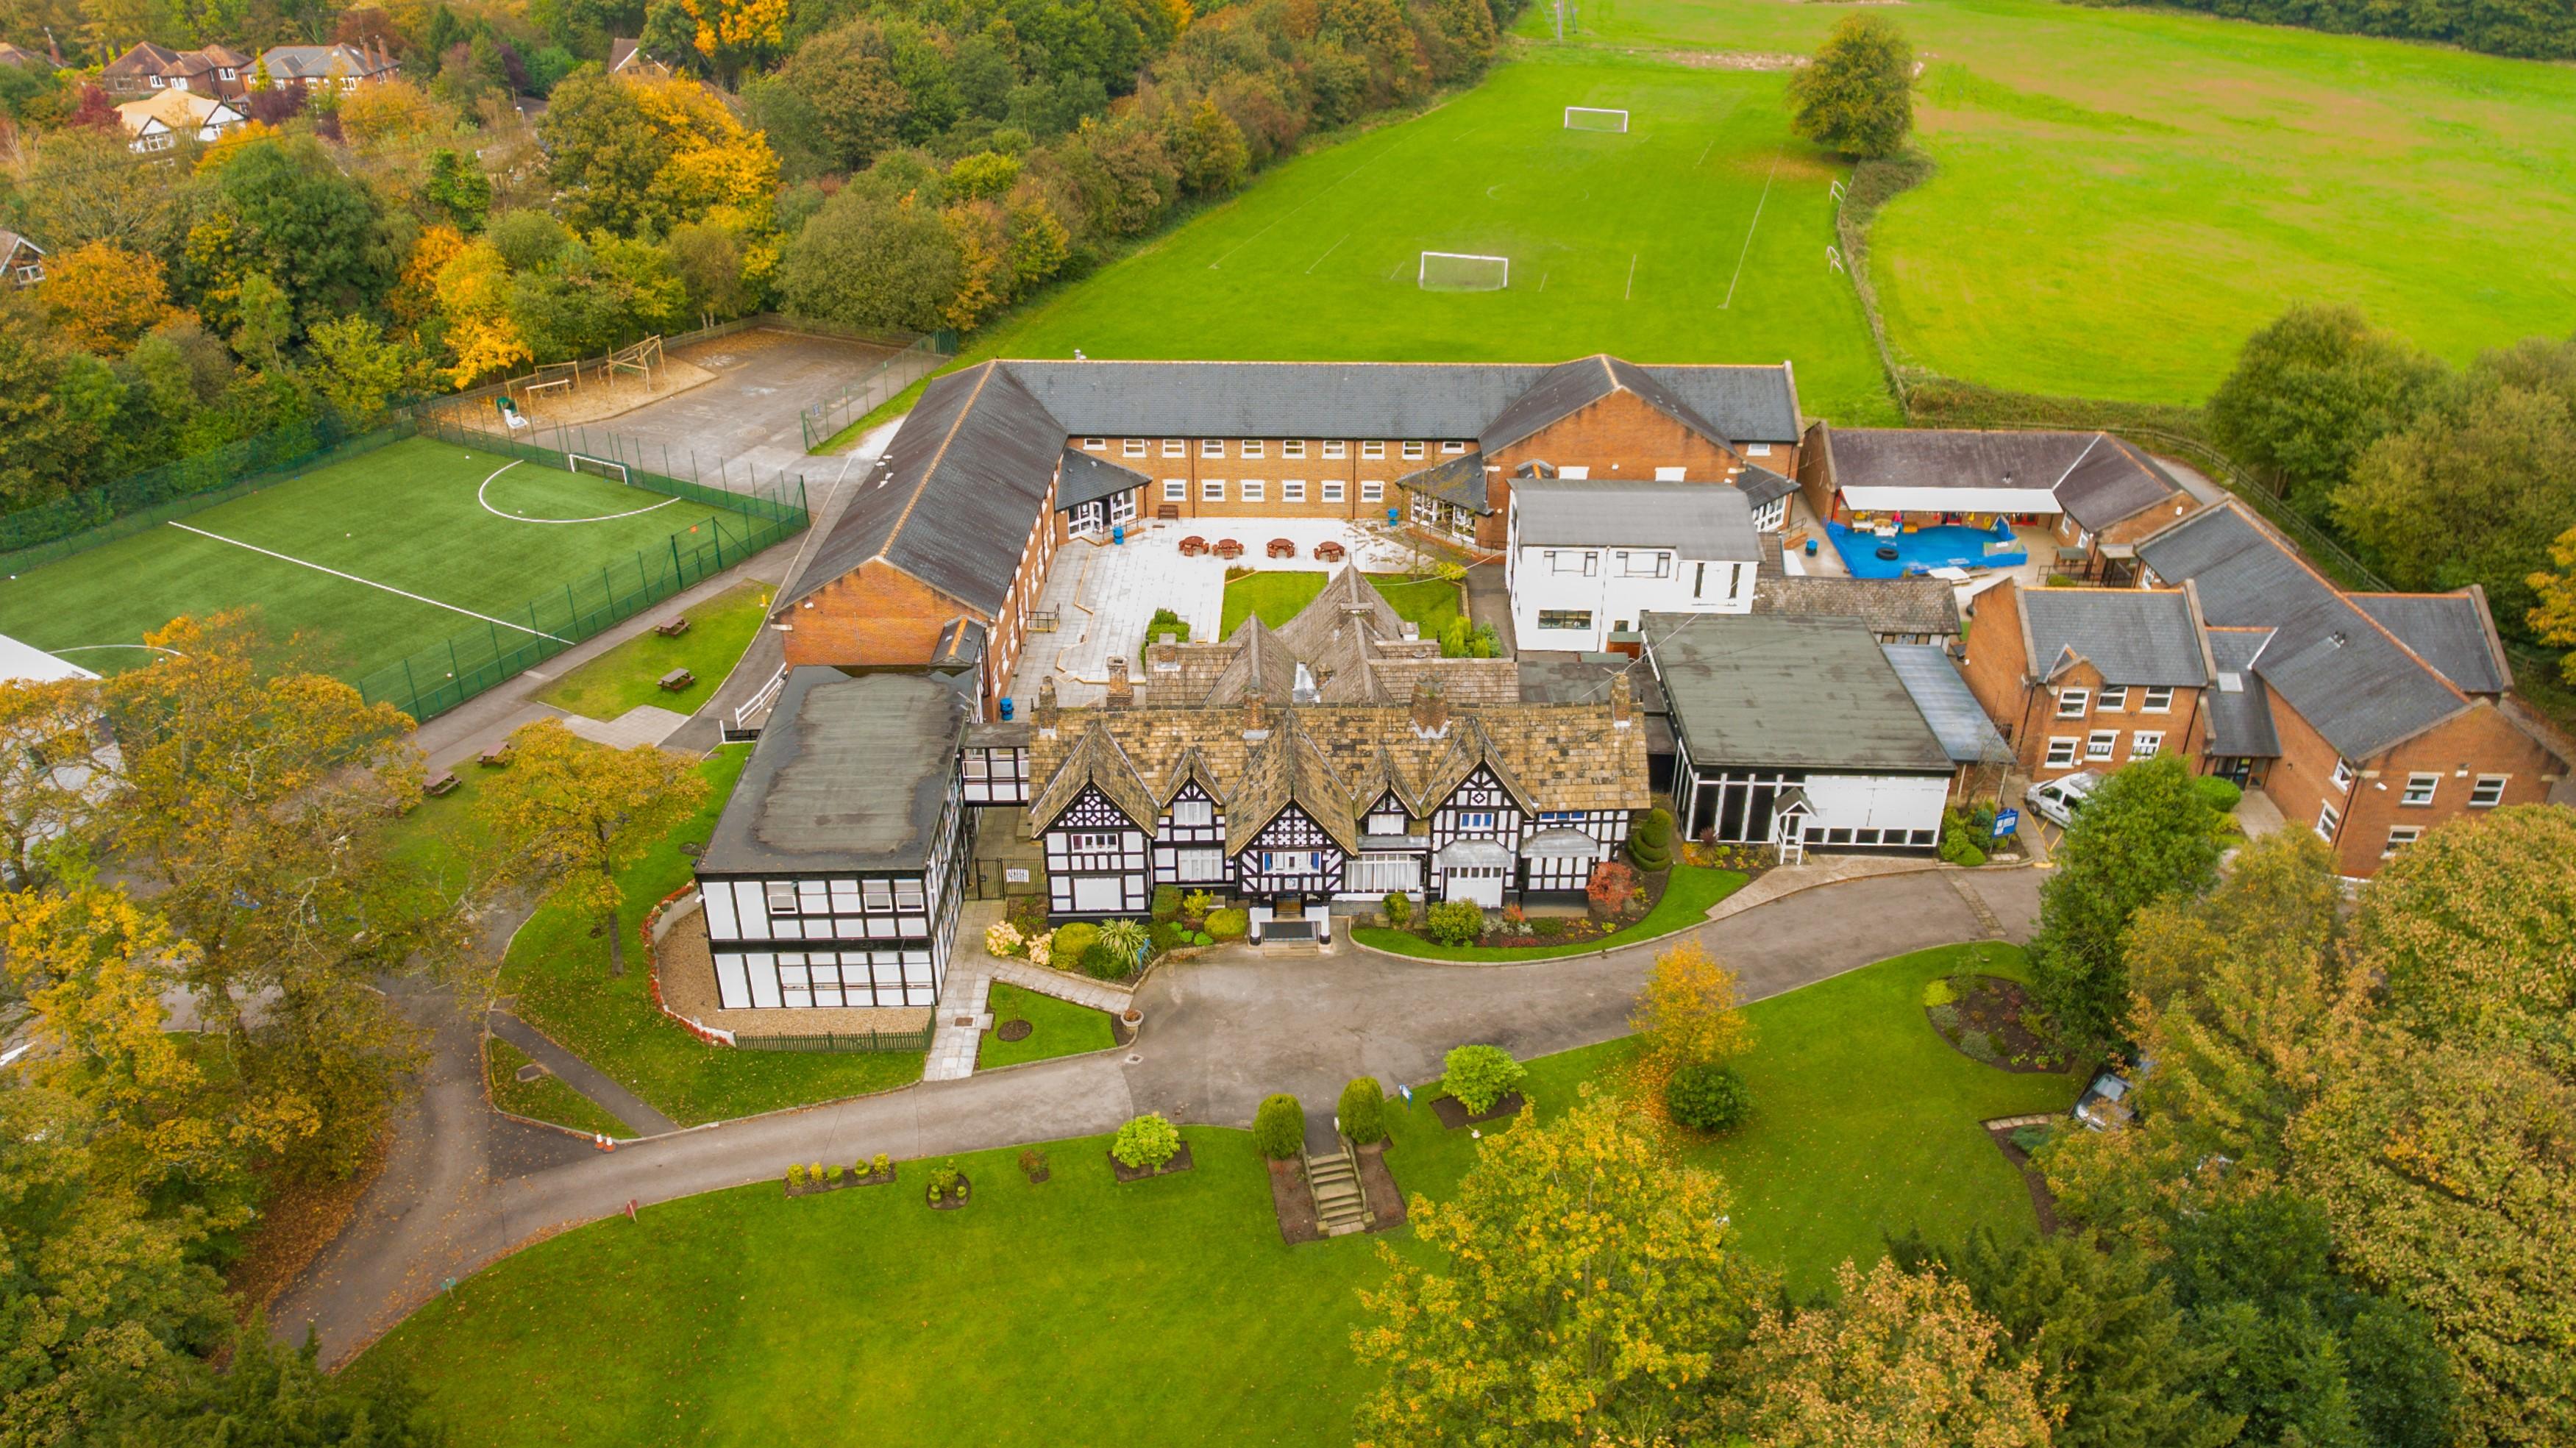 Bridgewater School aerial view